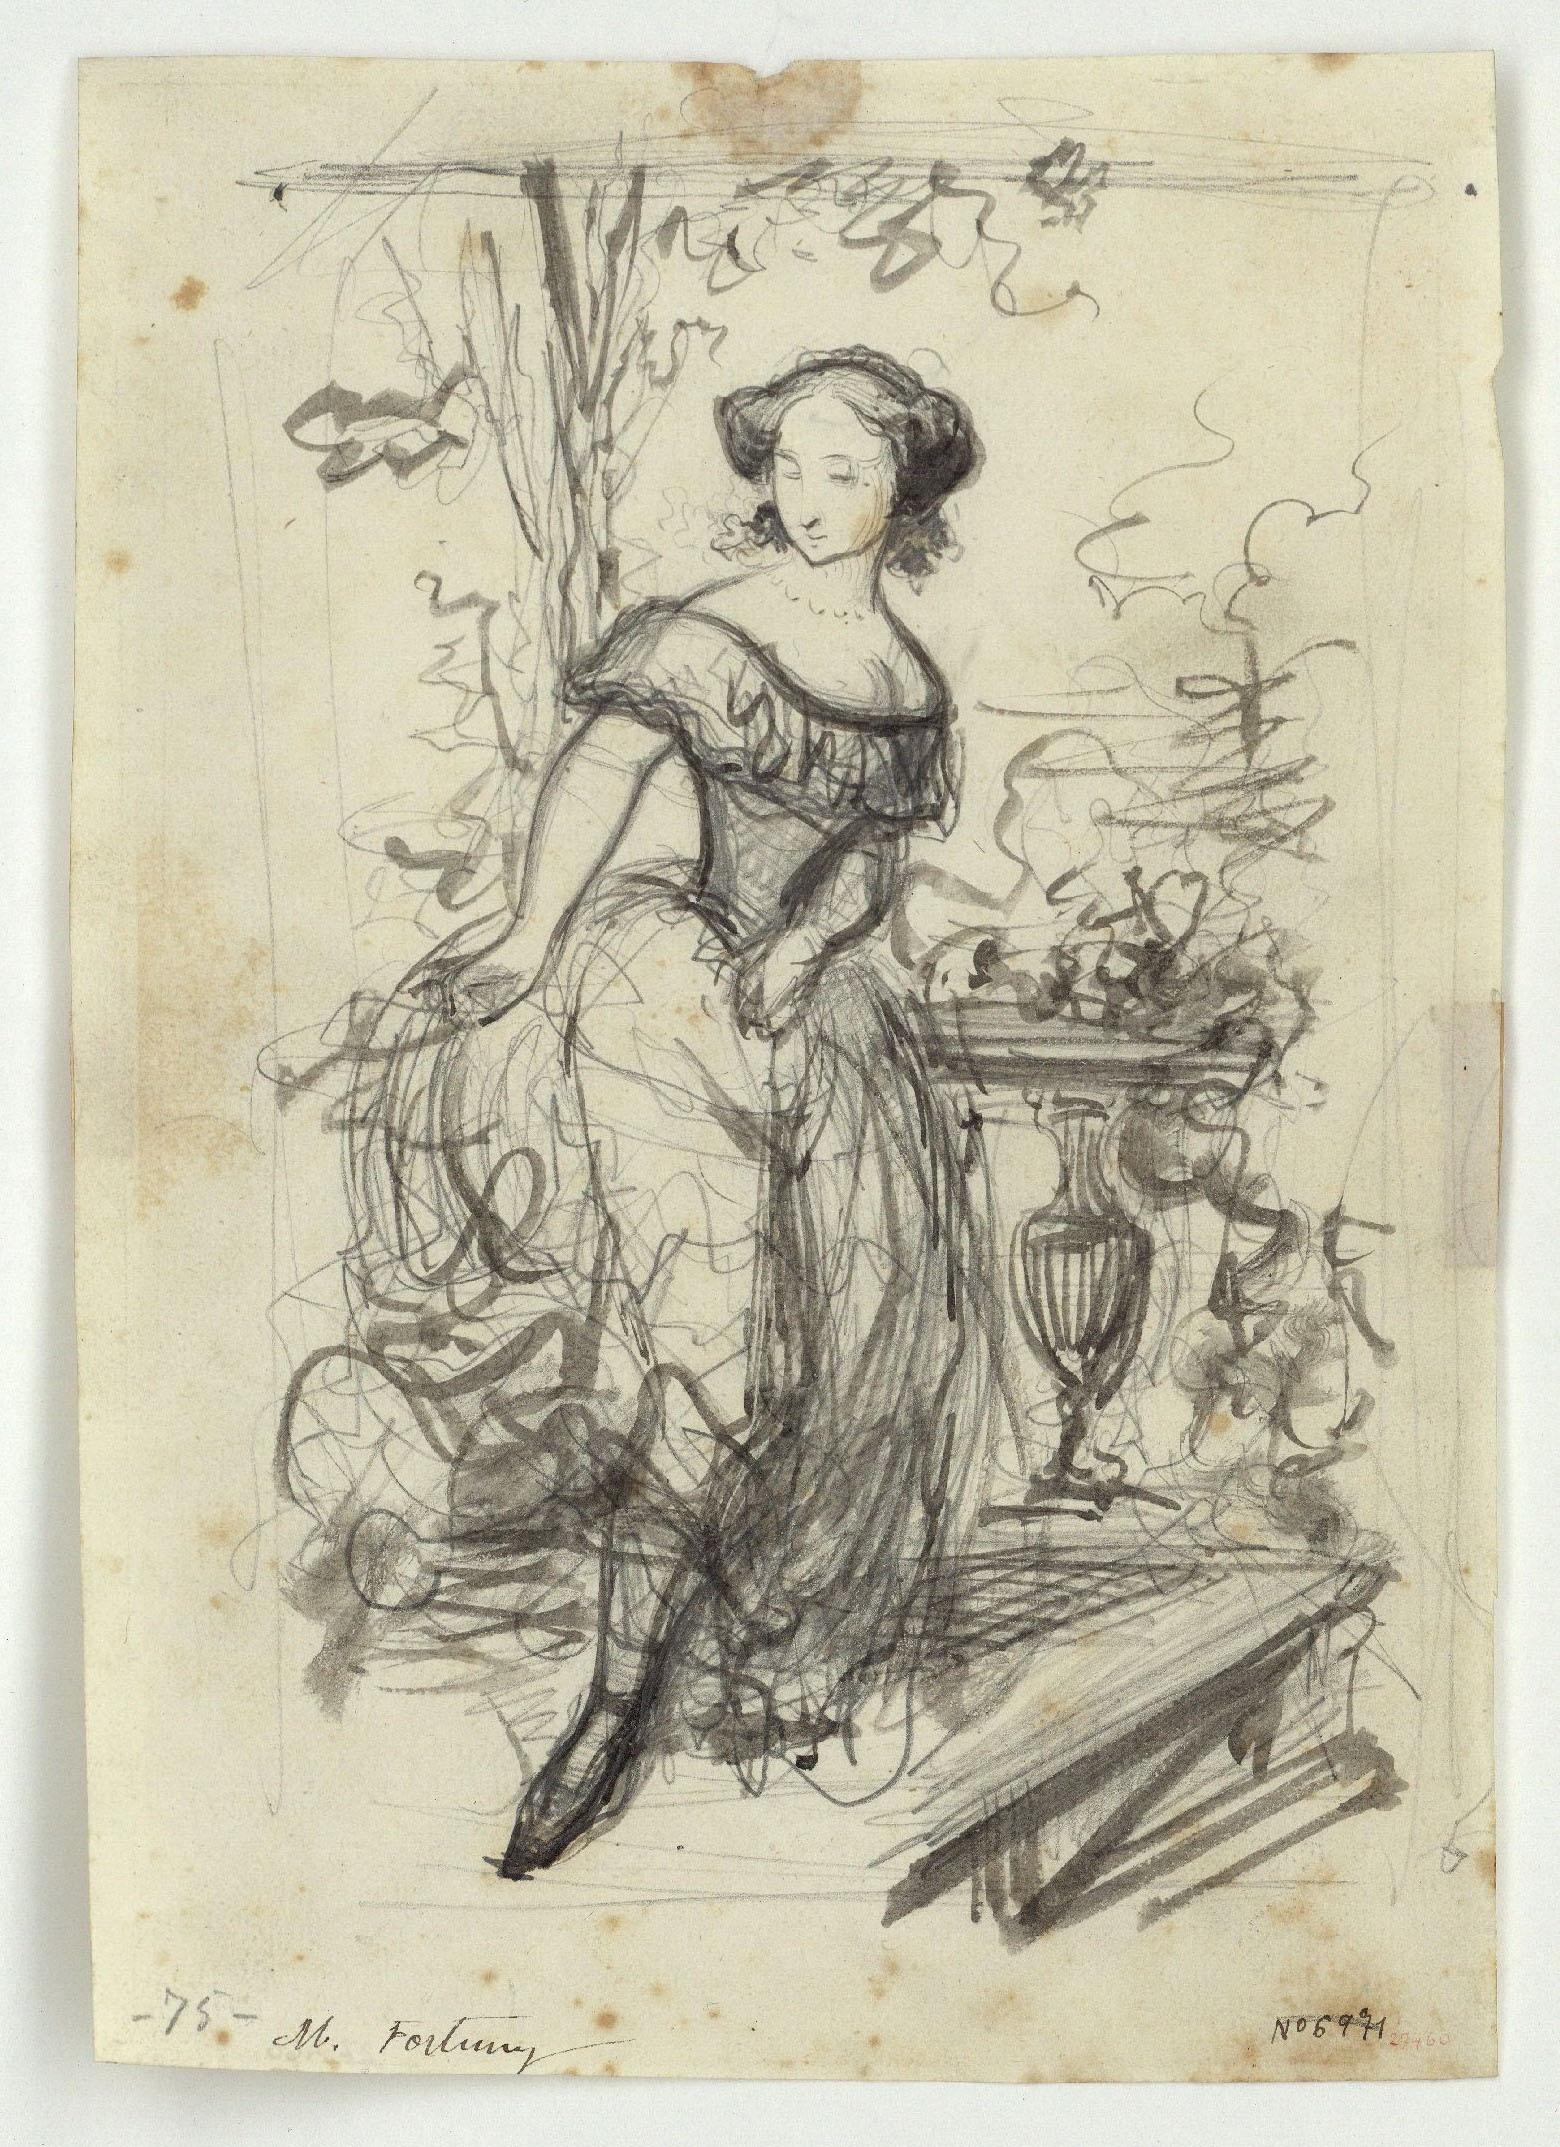 Marià Fortuny - Blanca. Ilustración para la novela «El mendigo hipócrita» de Alejandro Dumas (hijo) - Hacia 1856-1857